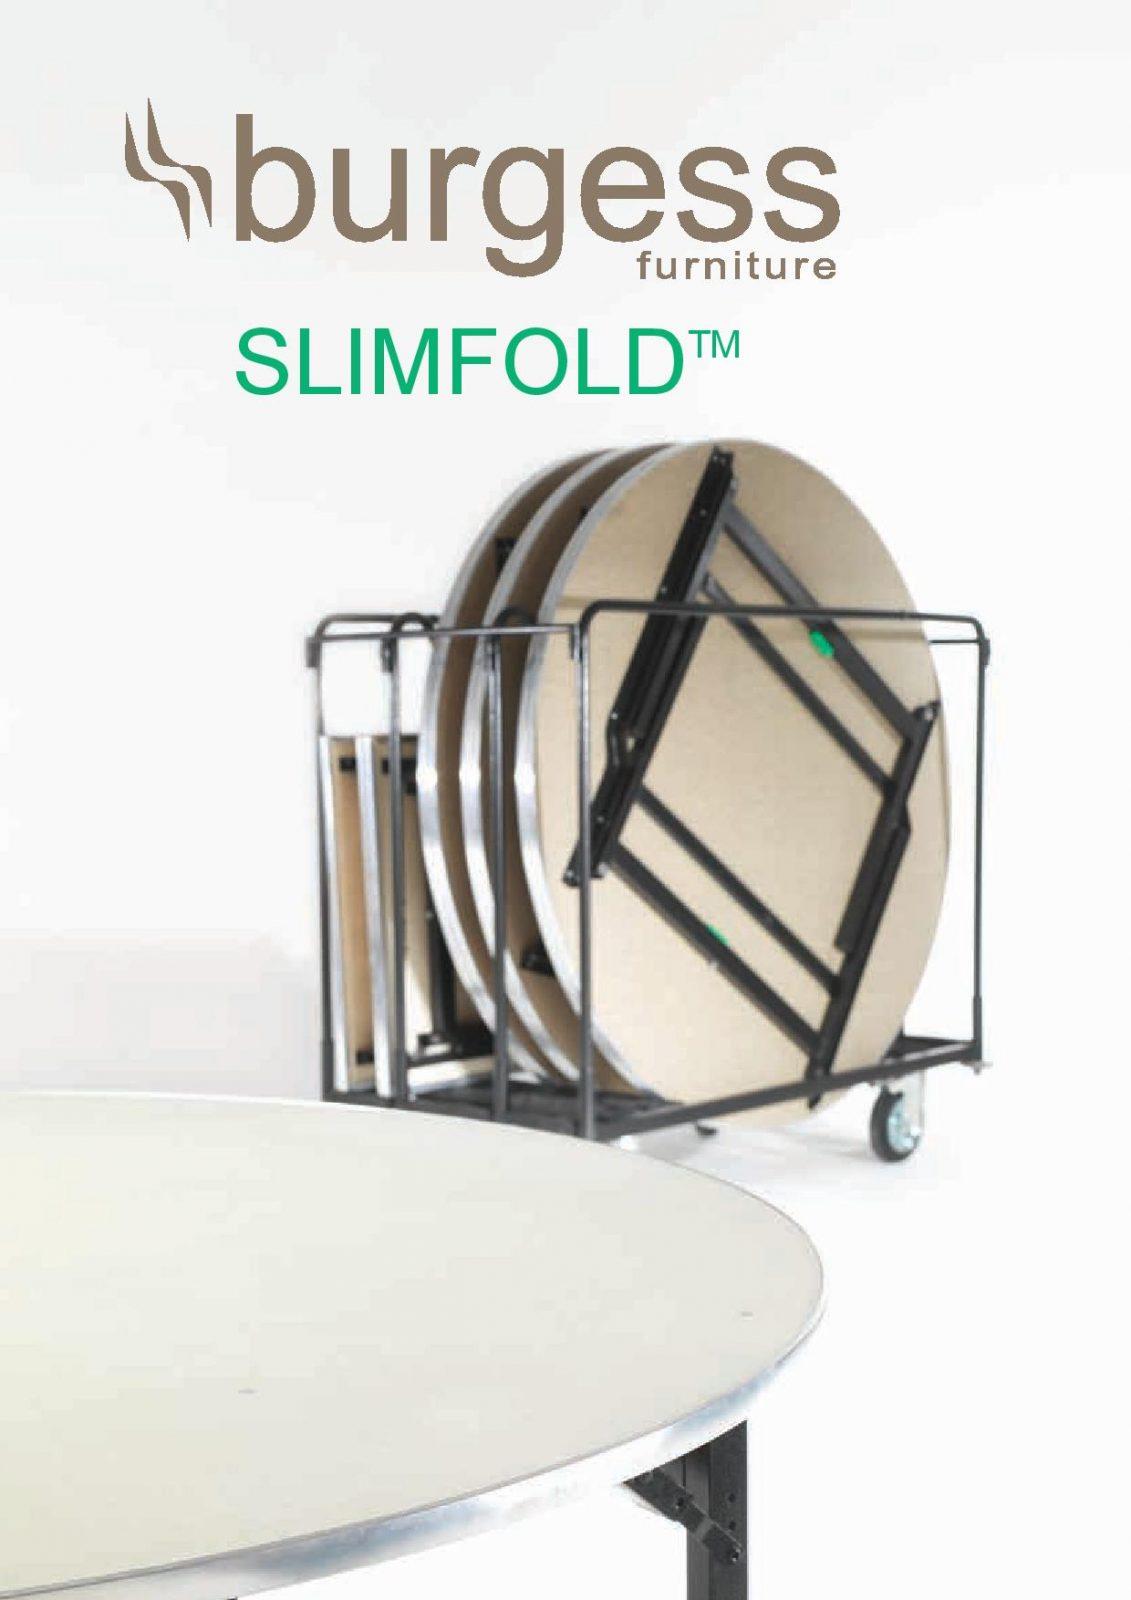 שולחנות לארועים דגם SLIMFOLD